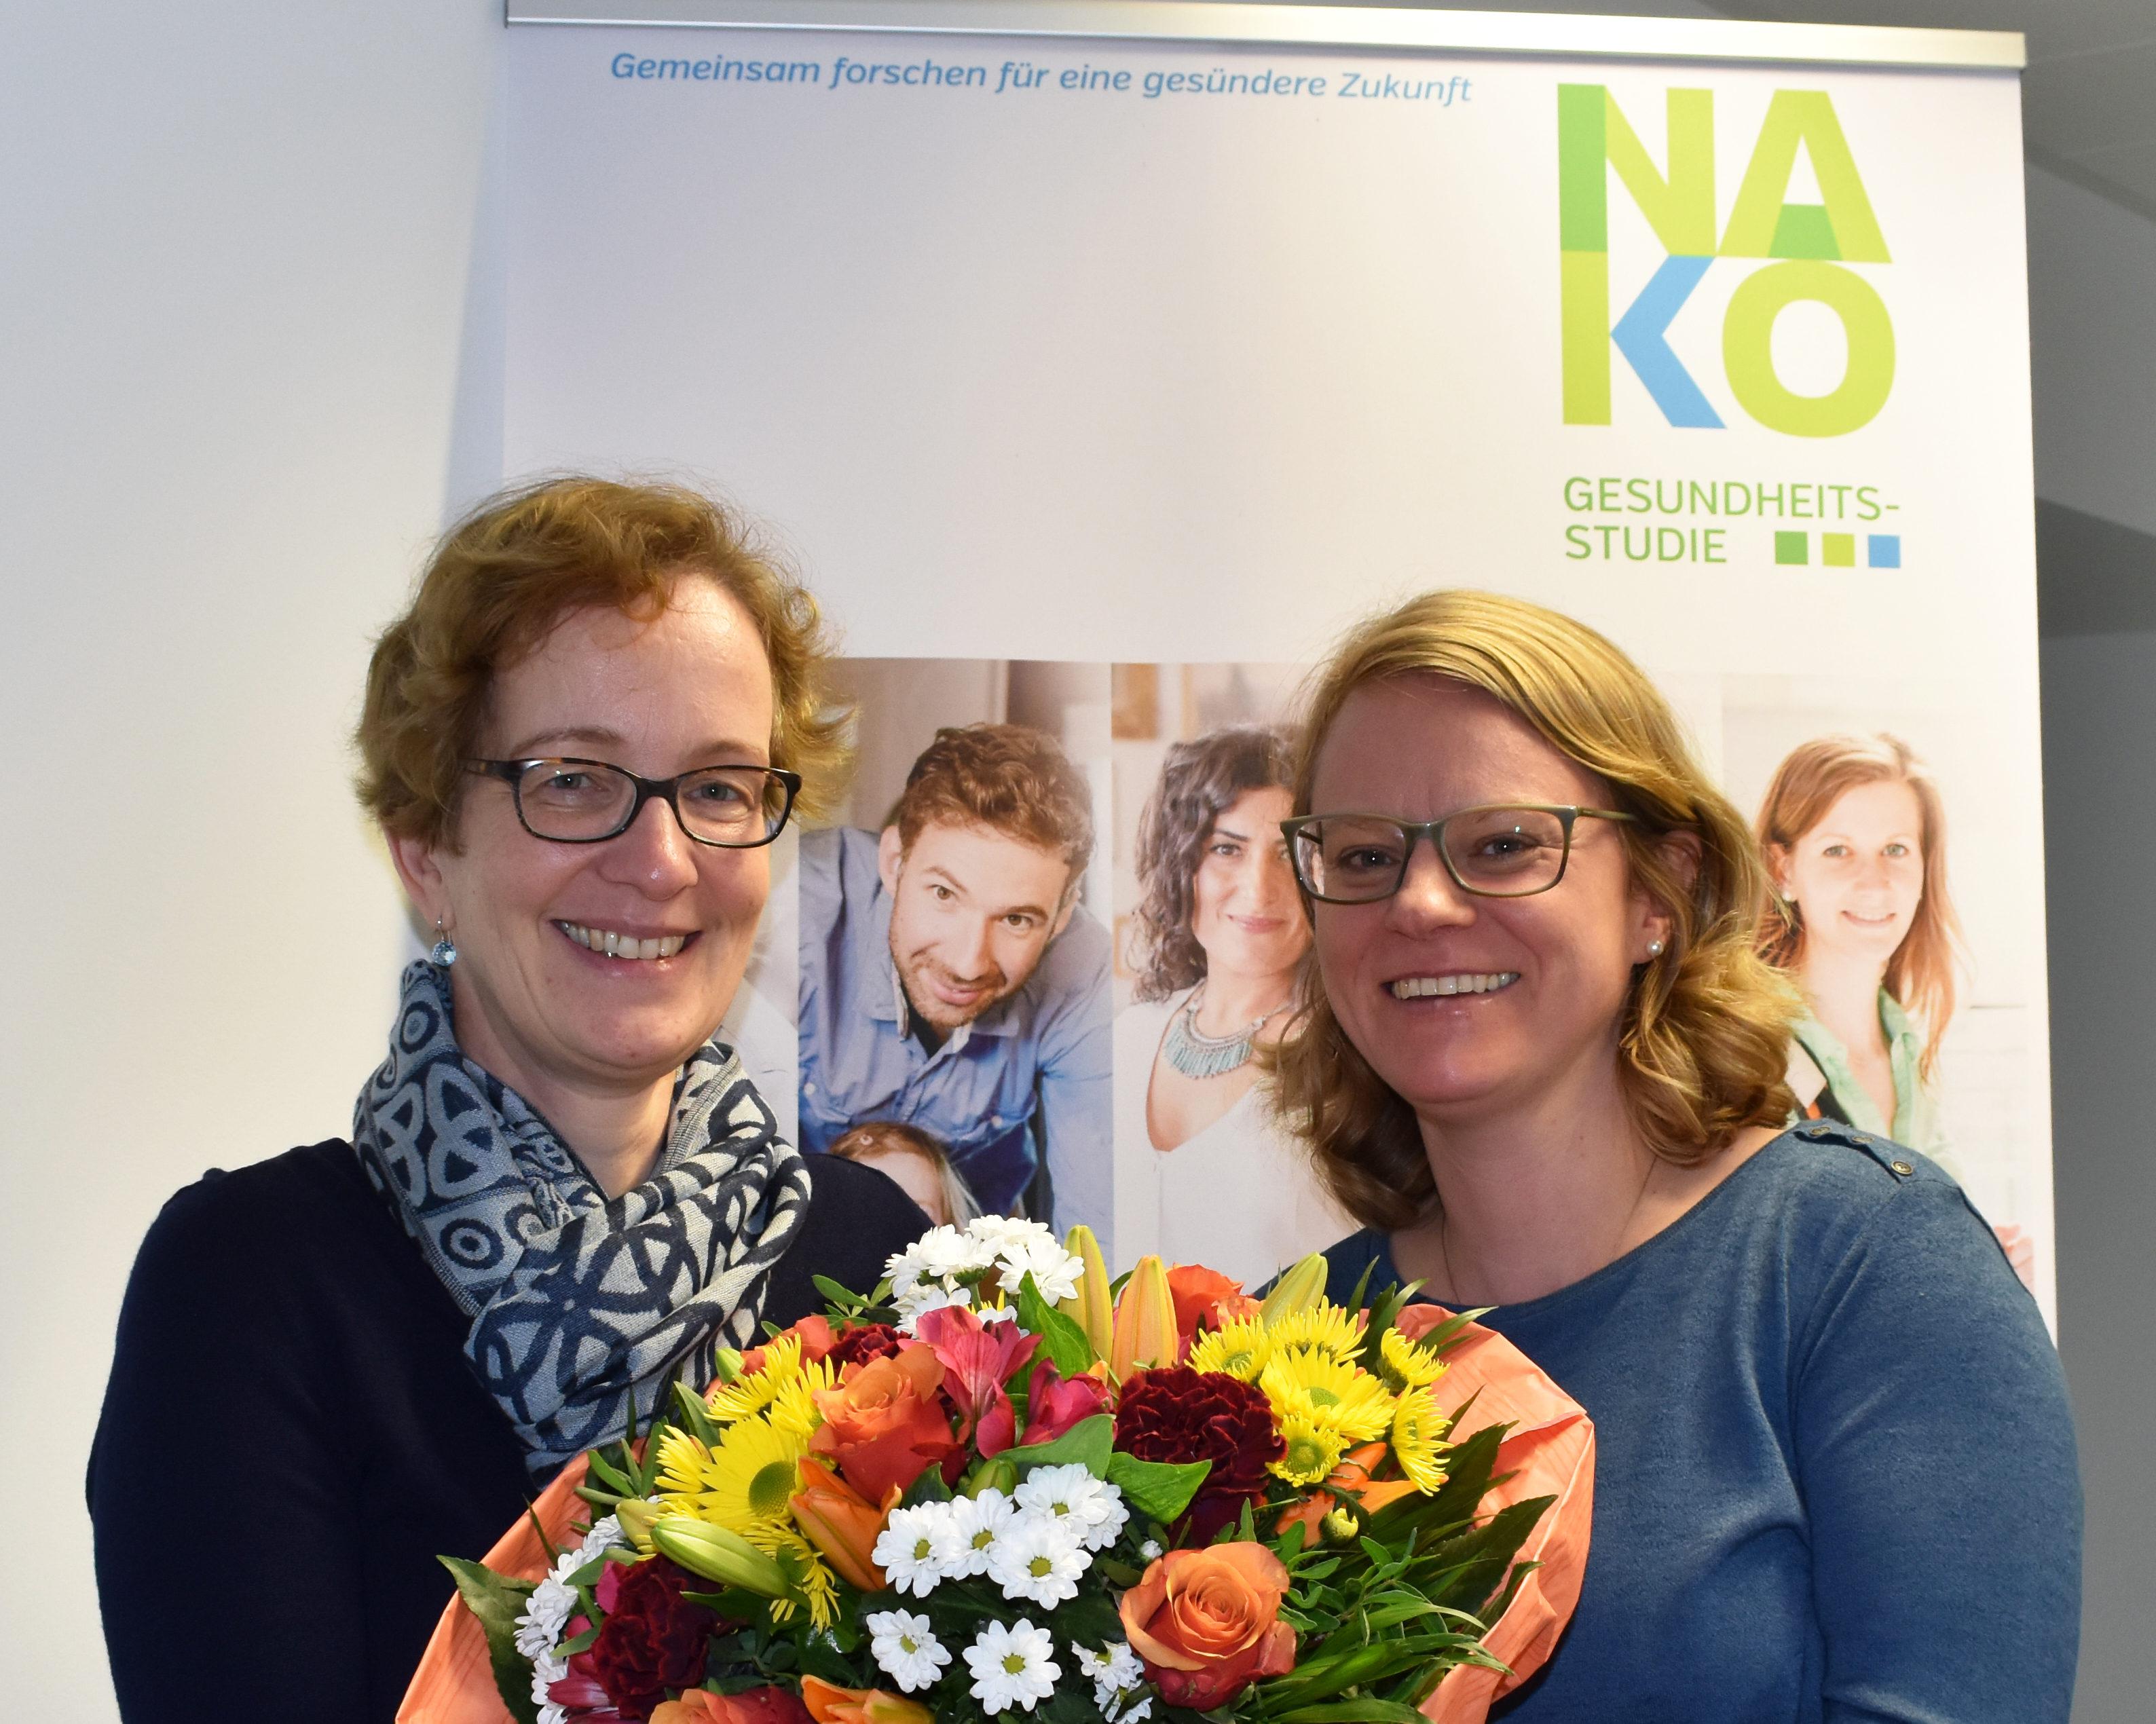 Dr. Sibylle Pawlowski, 5000. Studienteilnehmerin der NAKO Gesundheitsstudie, mit Nina Ebert, Leiterin des NAKO-Studienzentrums in Düsseldorf